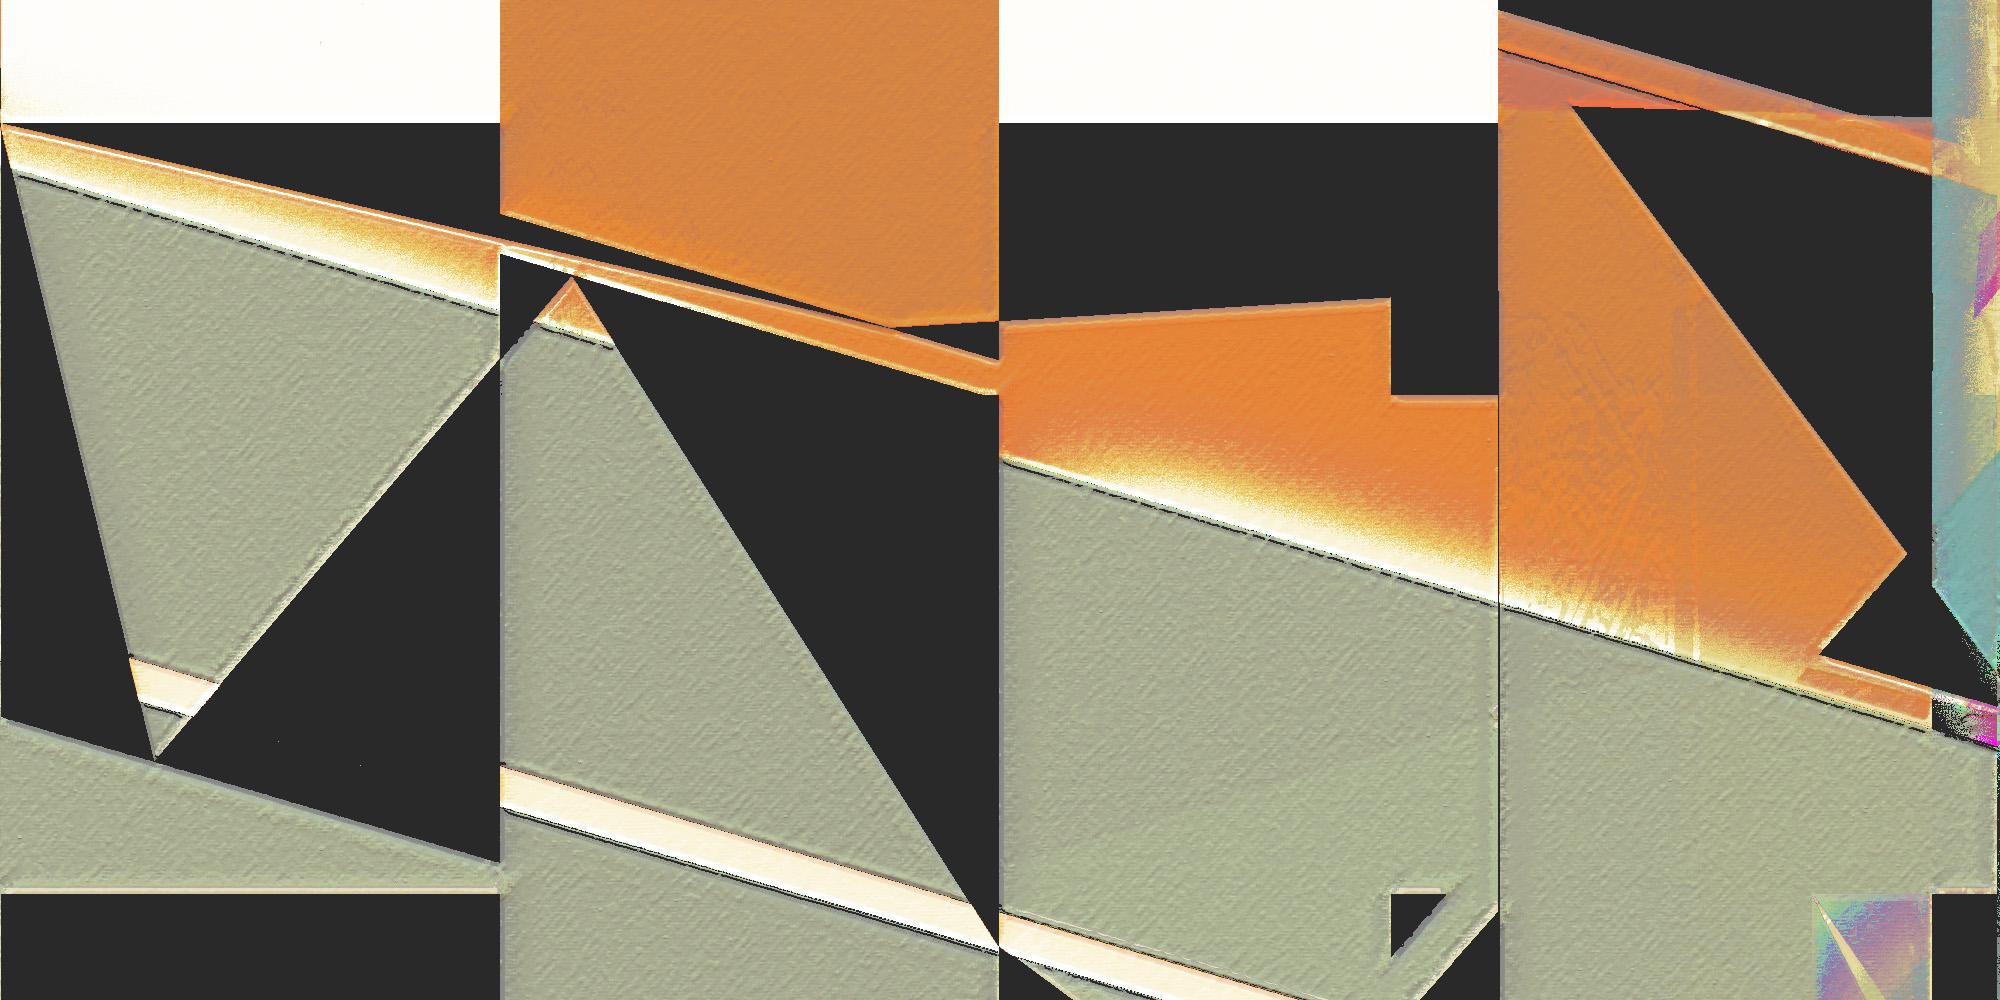 180704B_Leniency_Detail1.jpg